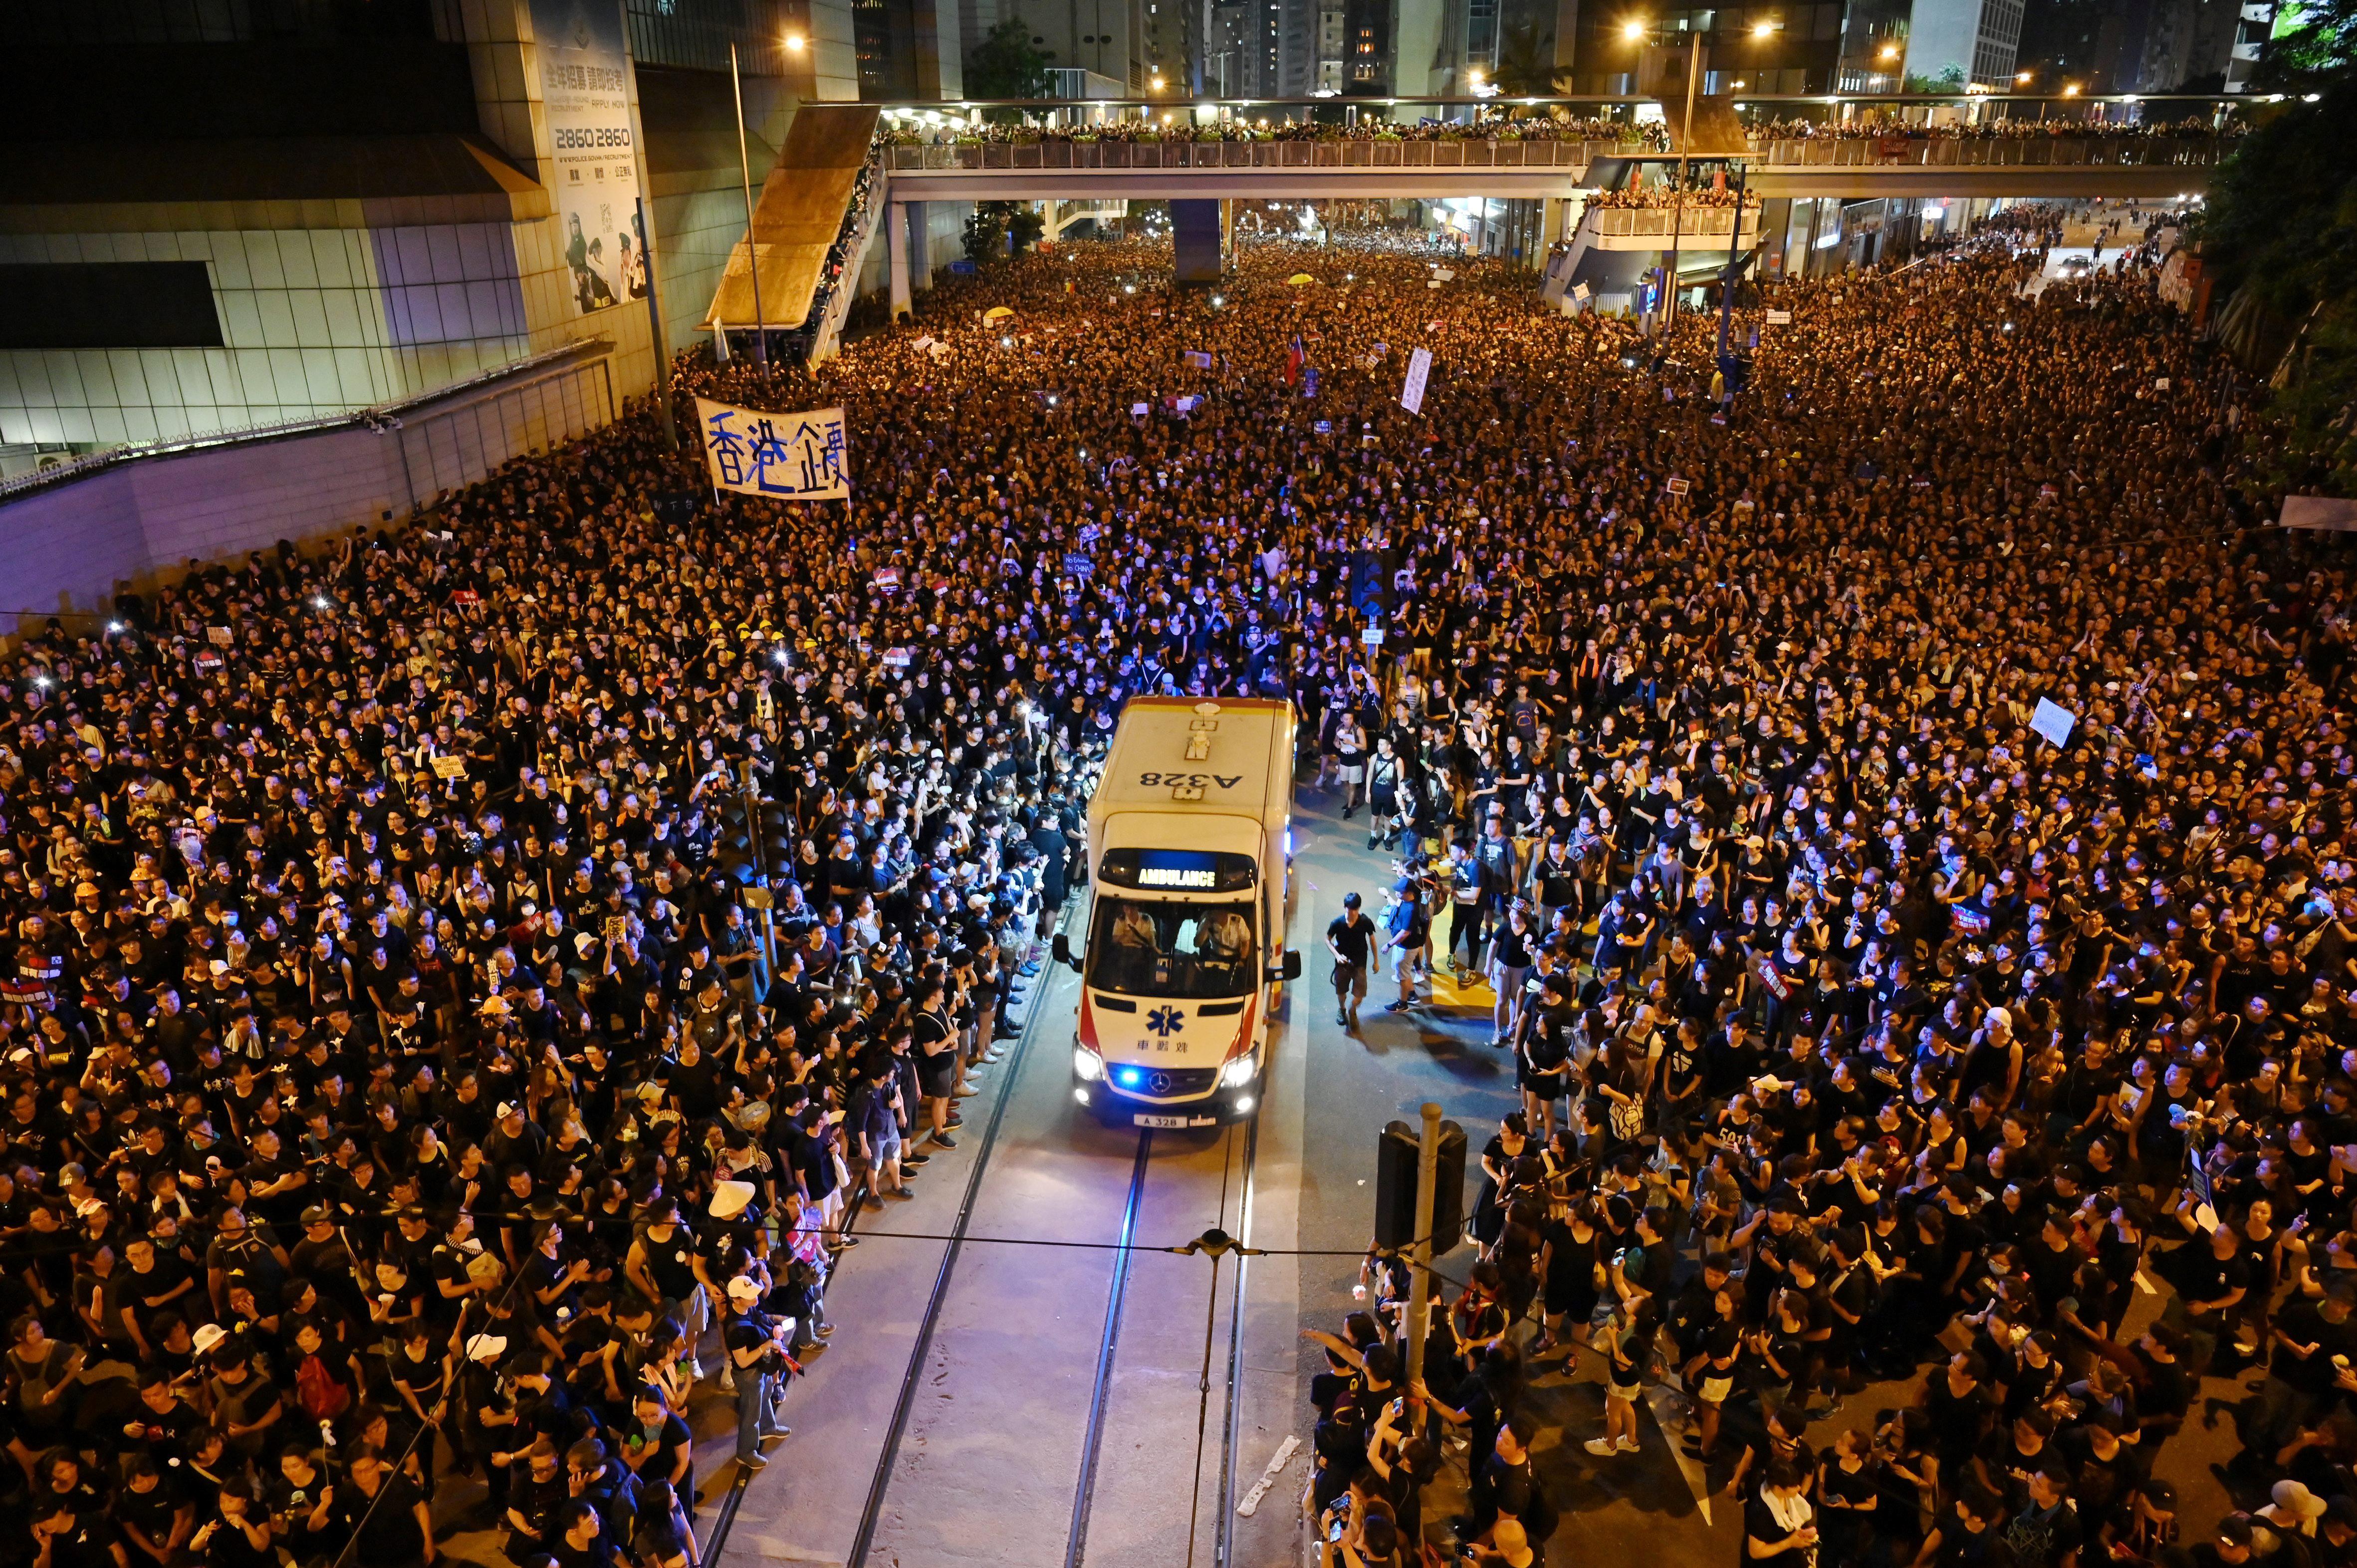 سيارة إسعاف تسير وسط الآلاف من المتظاهرين - هونغ كونغ 16 حزيران/يونيو 2019